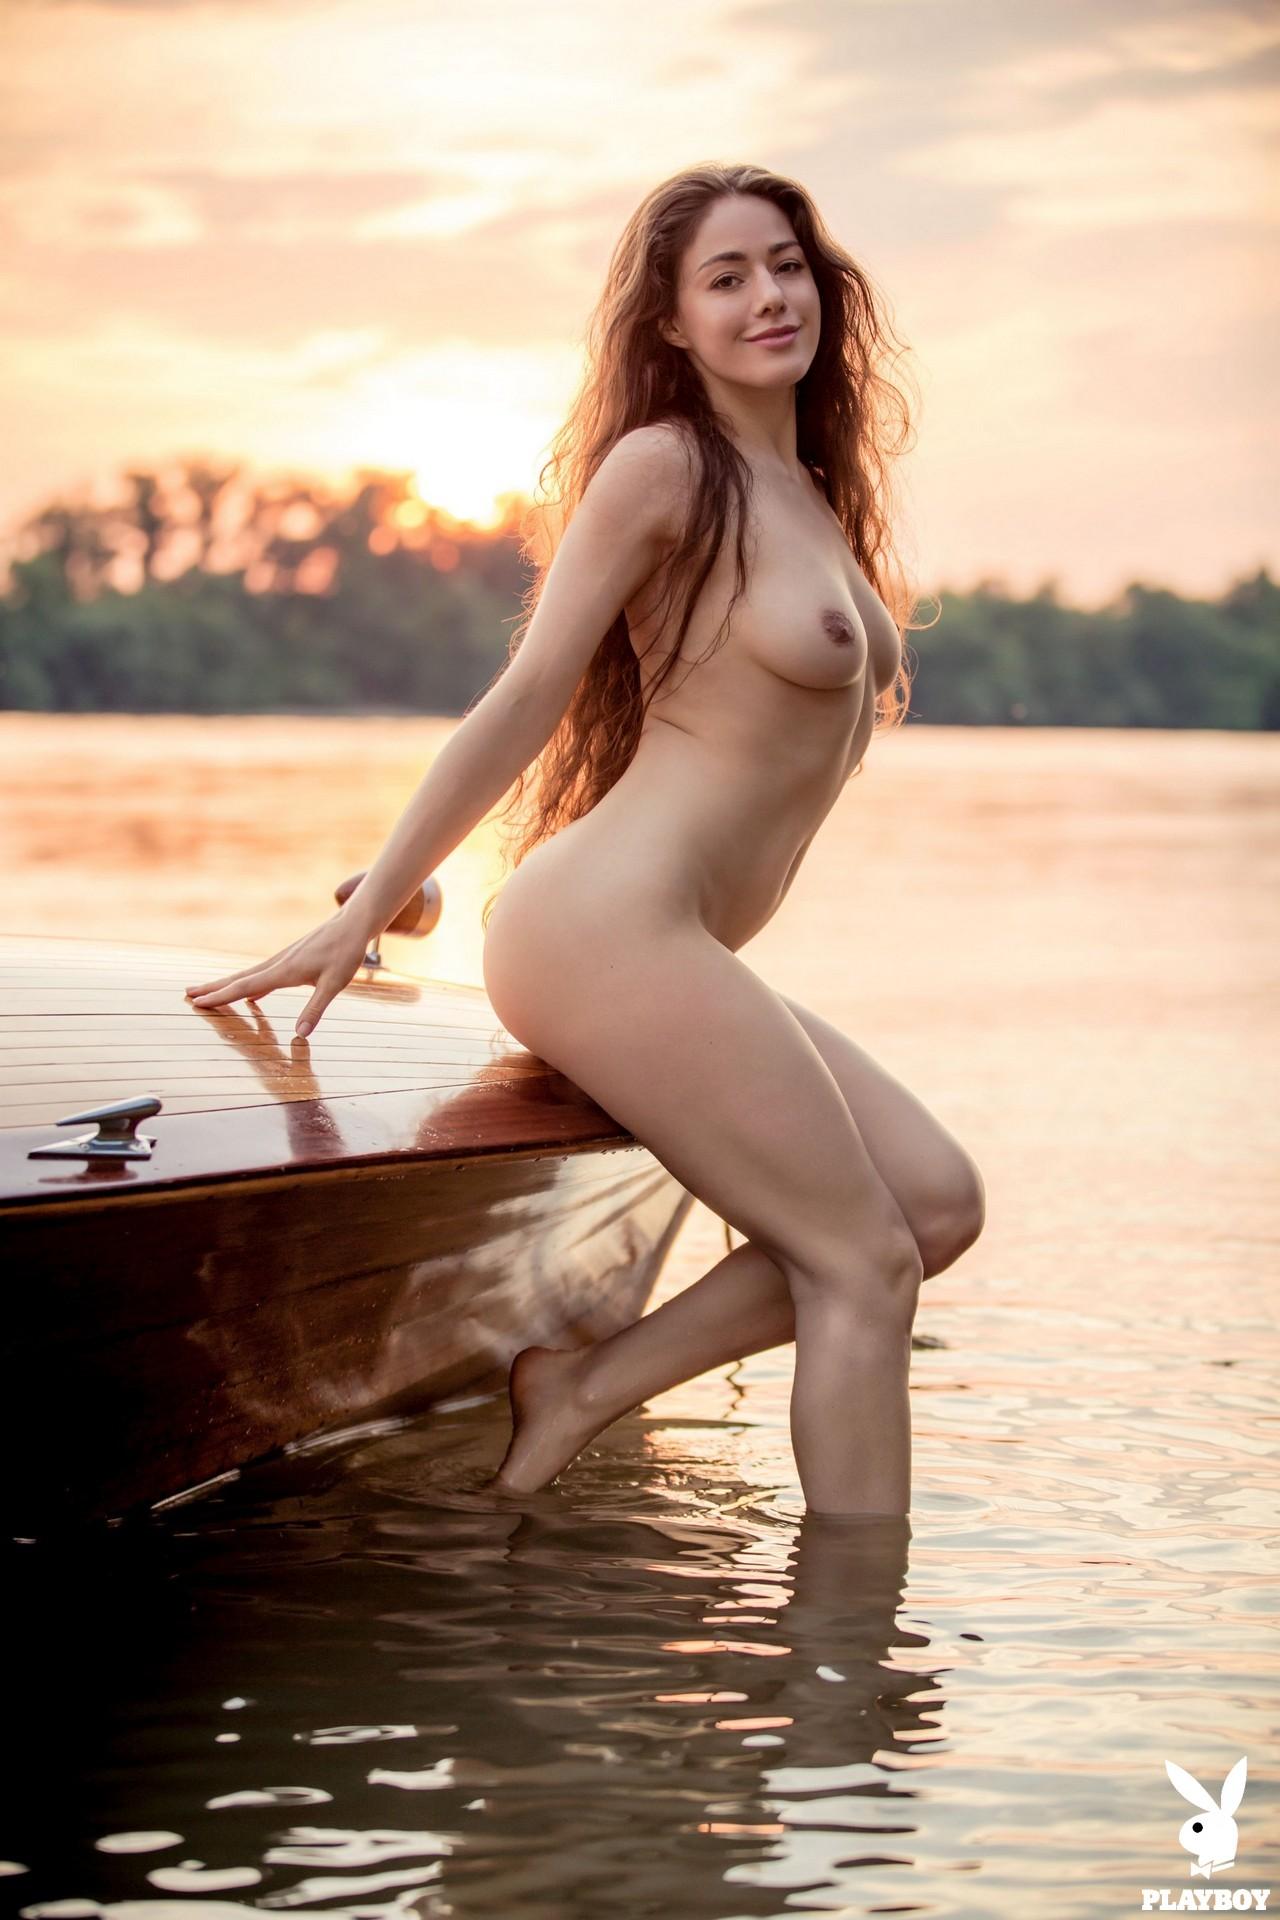 Joy Draiki in Sensational Voyage - Playboy Plus 16